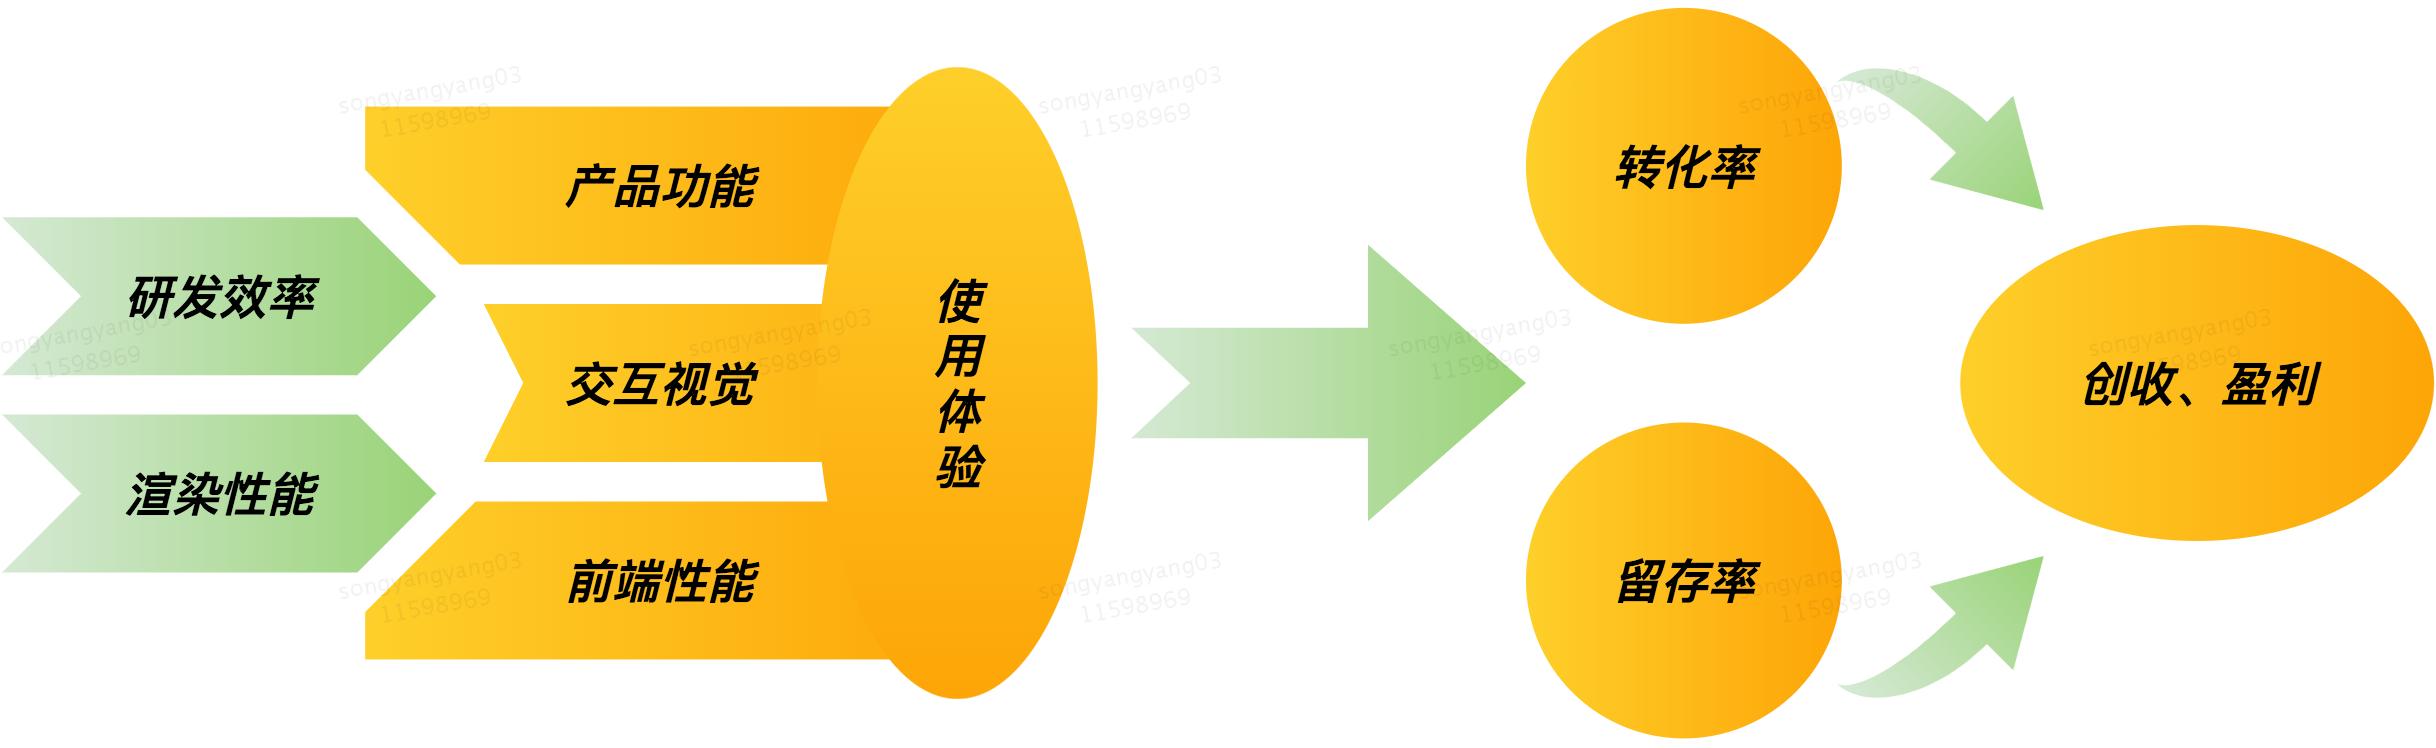 图1 使用体验与转化、留存